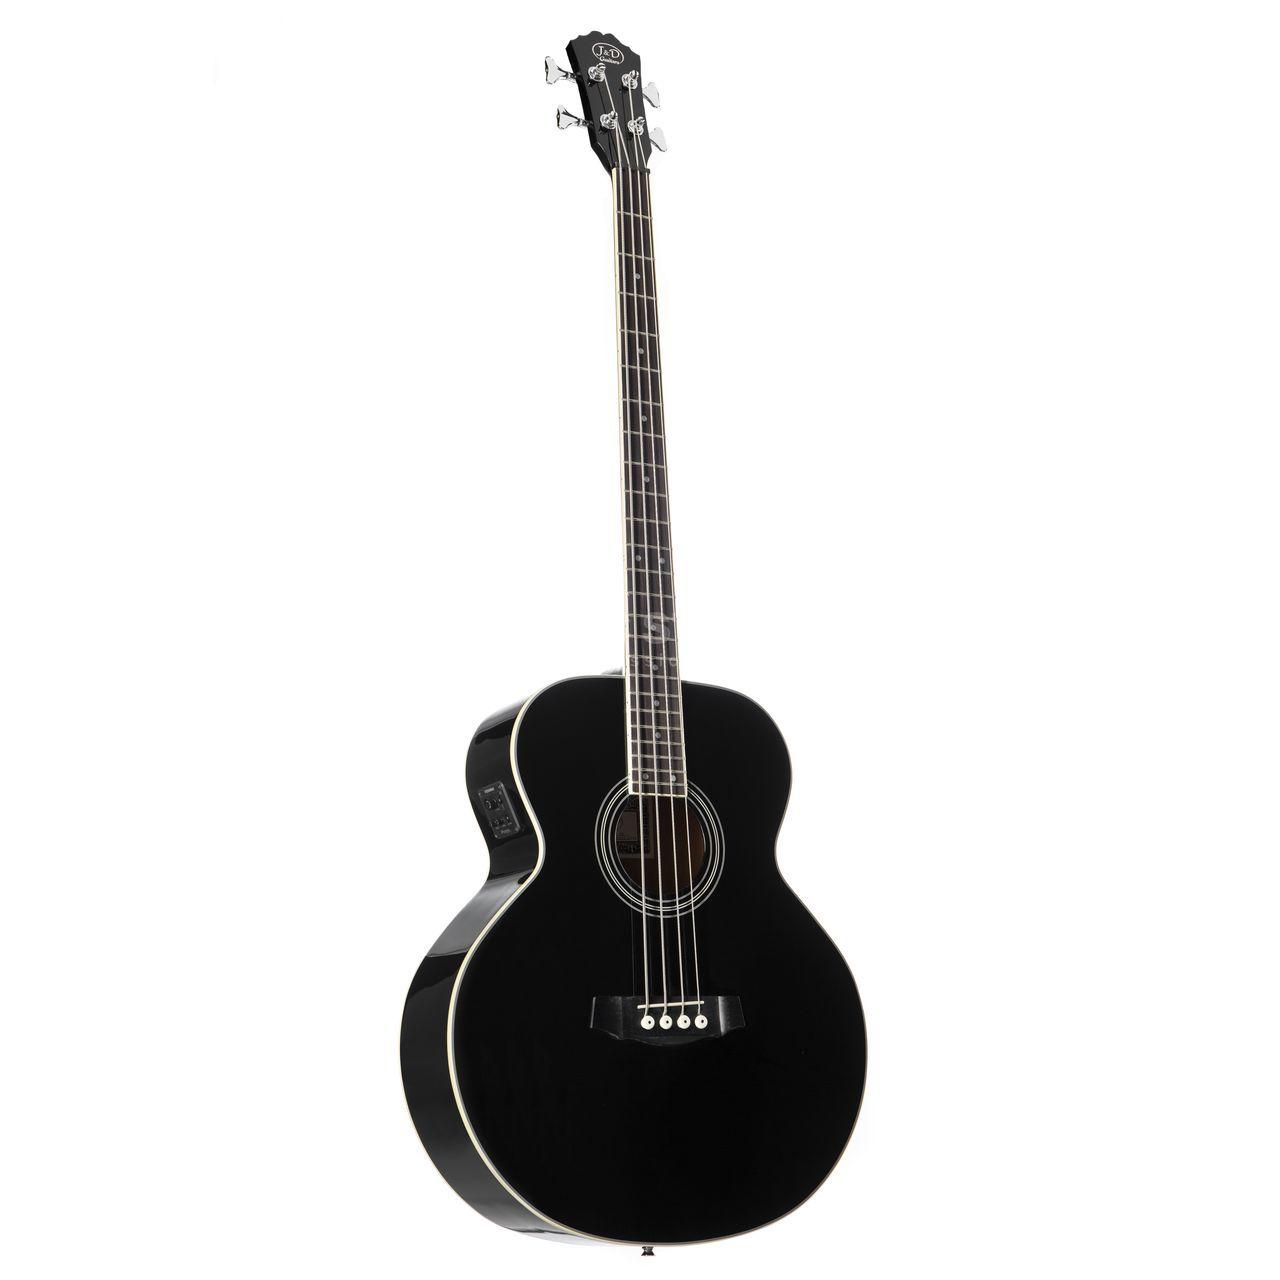 jack danny abg 1 4 string acoustic bass guitar black. Black Bedroom Furniture Sets. Home Design Ideas